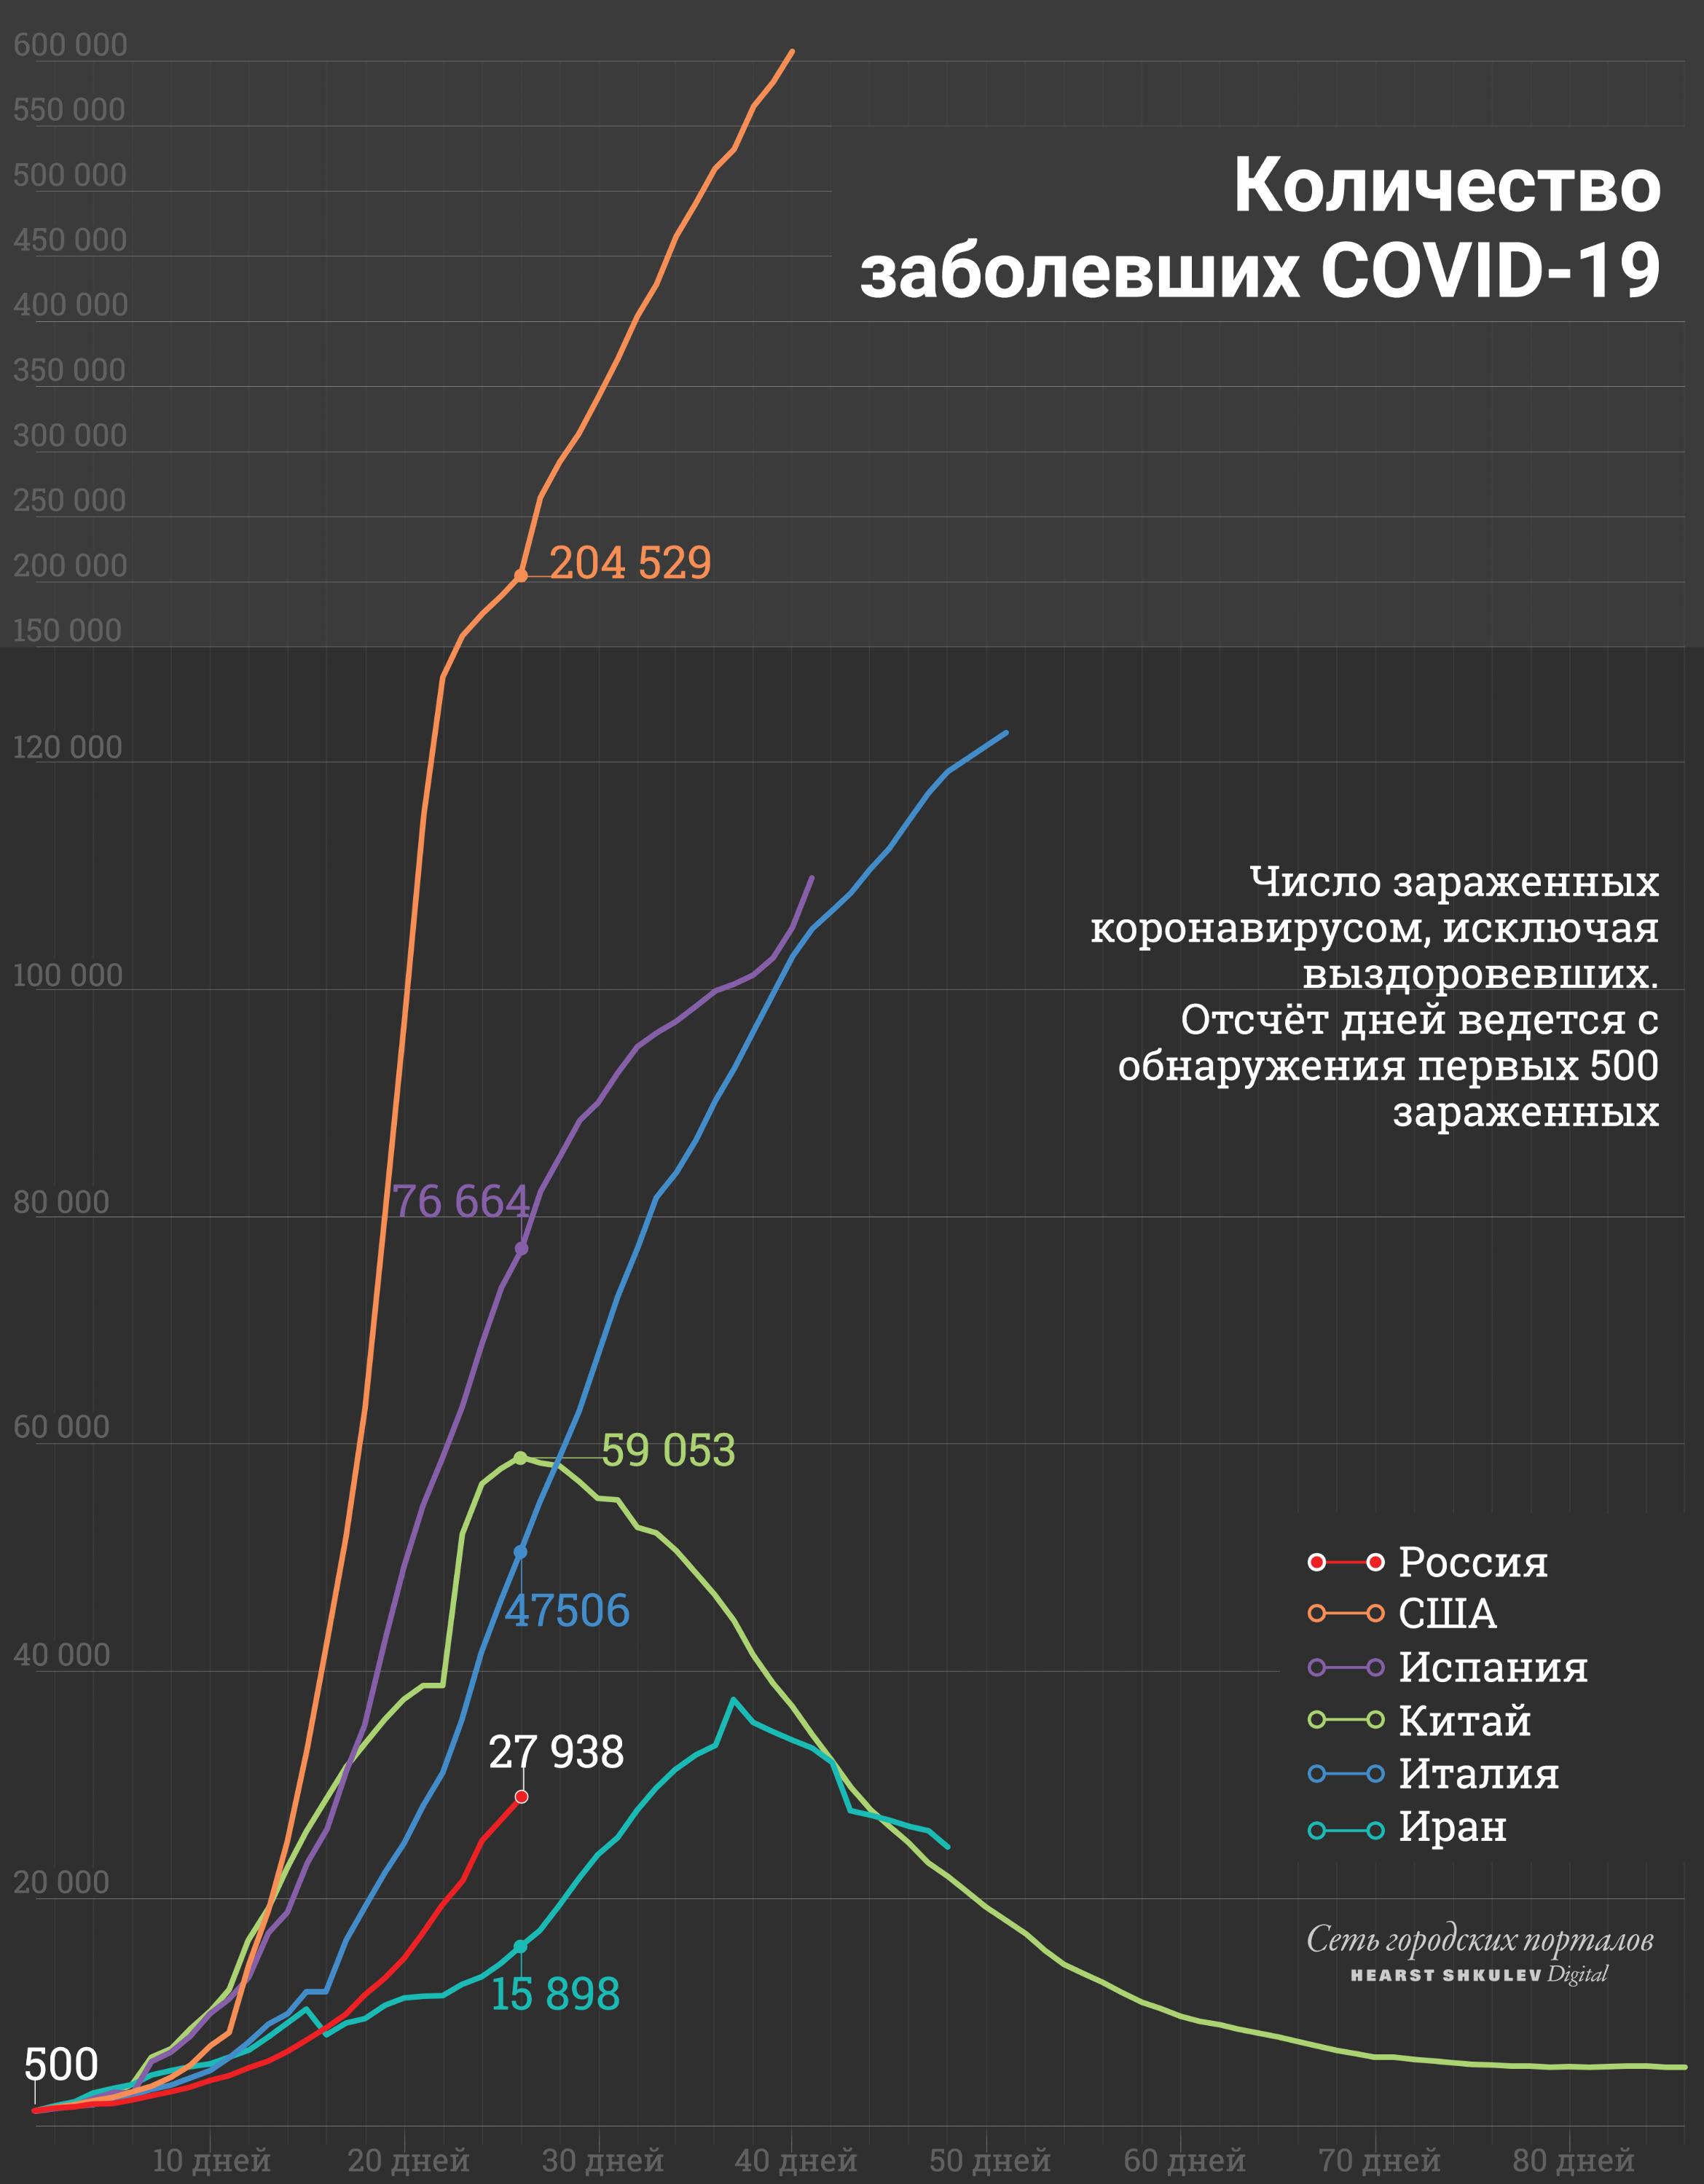 На этом графике мы «вычли» вылечившихся, здесь спад заболевания более нагляден